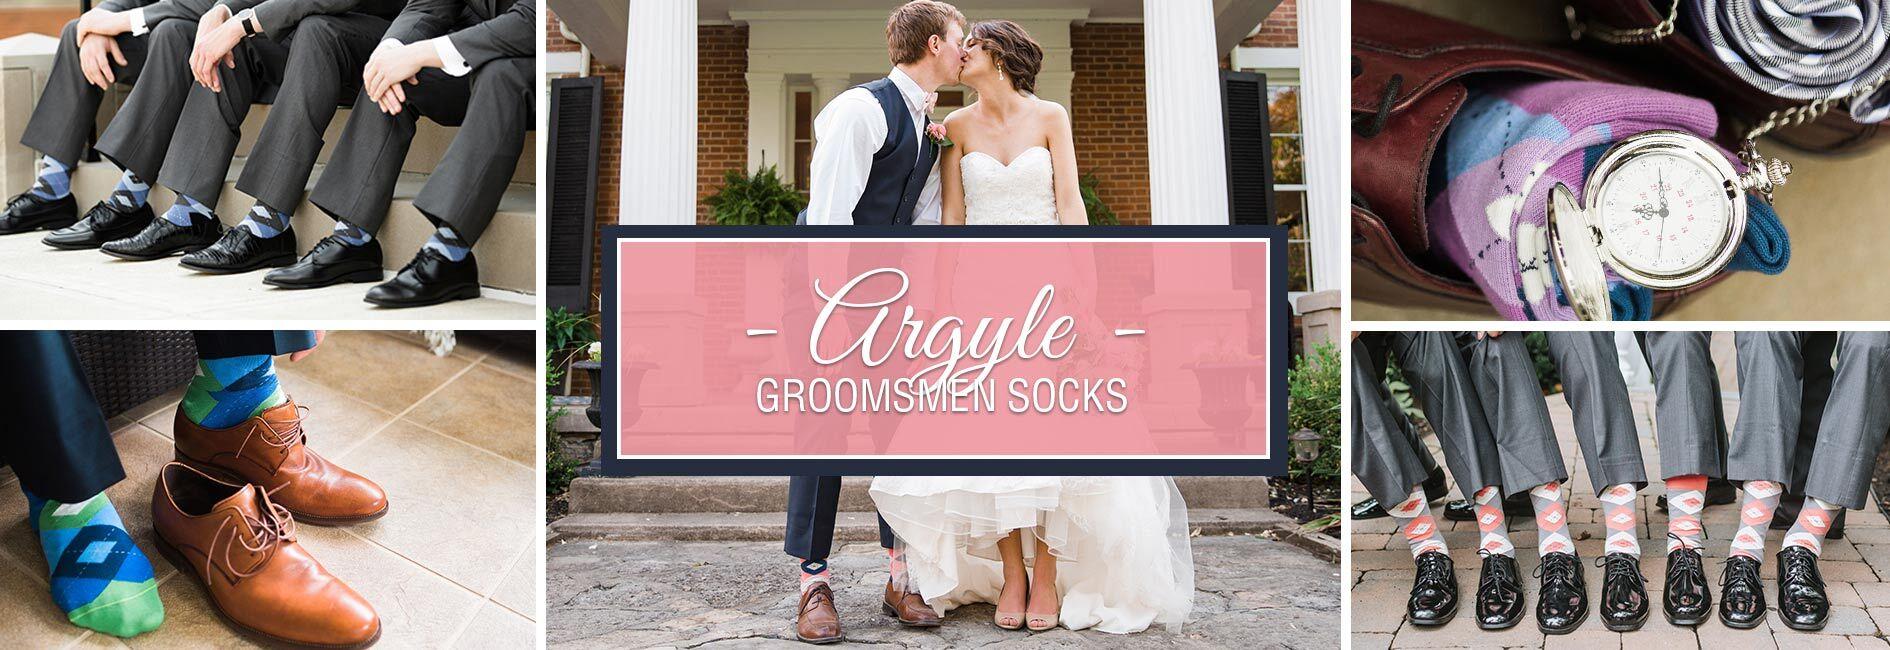 Argyle Groomsmen Wedding Socks Banner